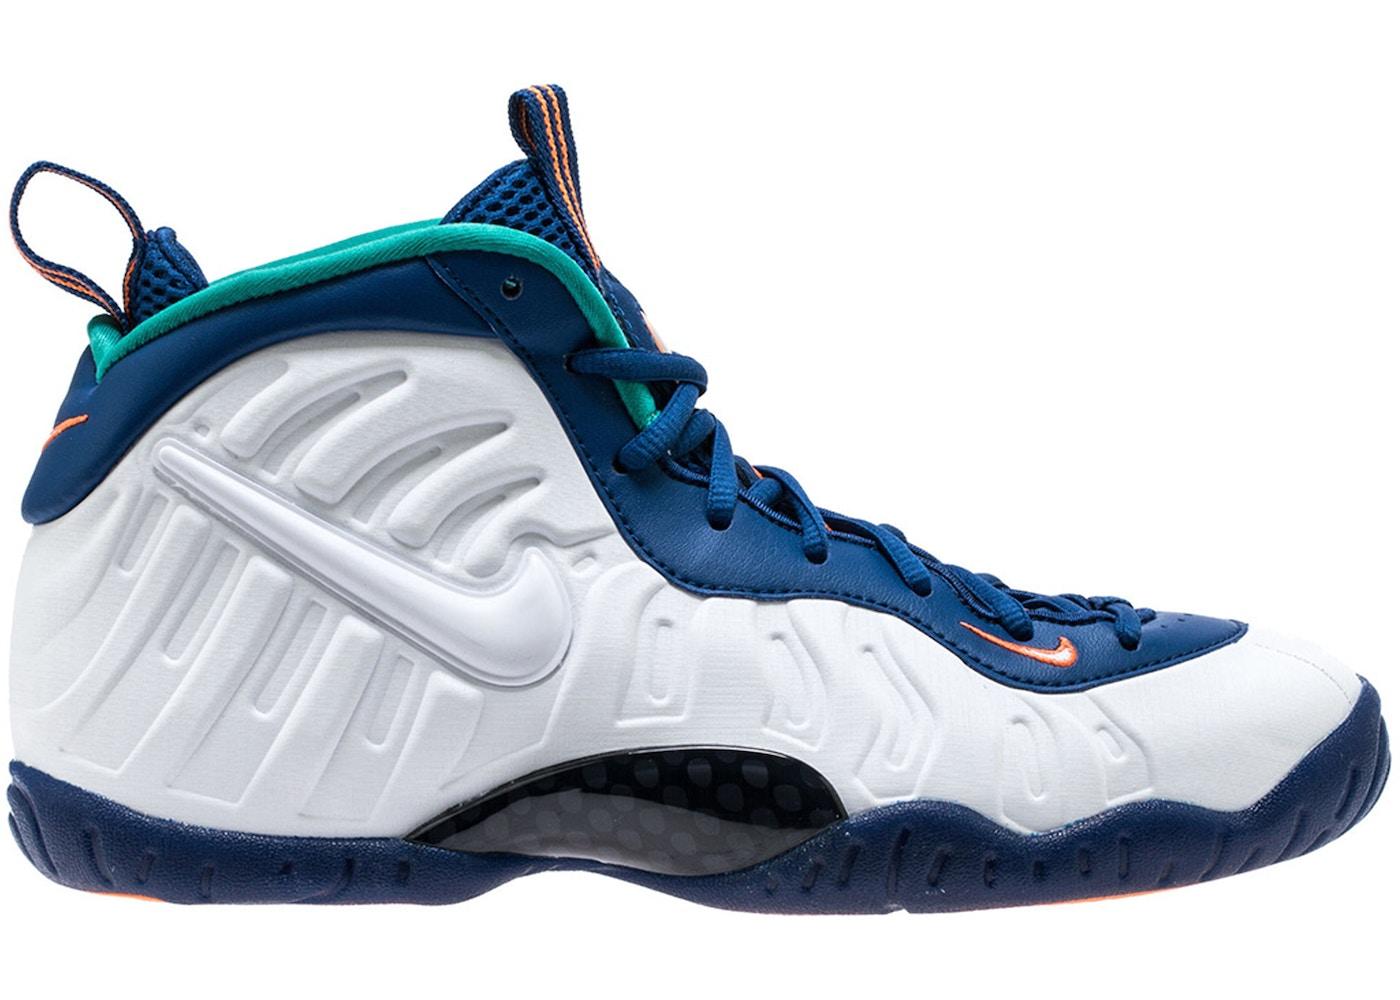 87d75577a39 Buy Nike Foamposite Shoes   Deadstock Sneakers